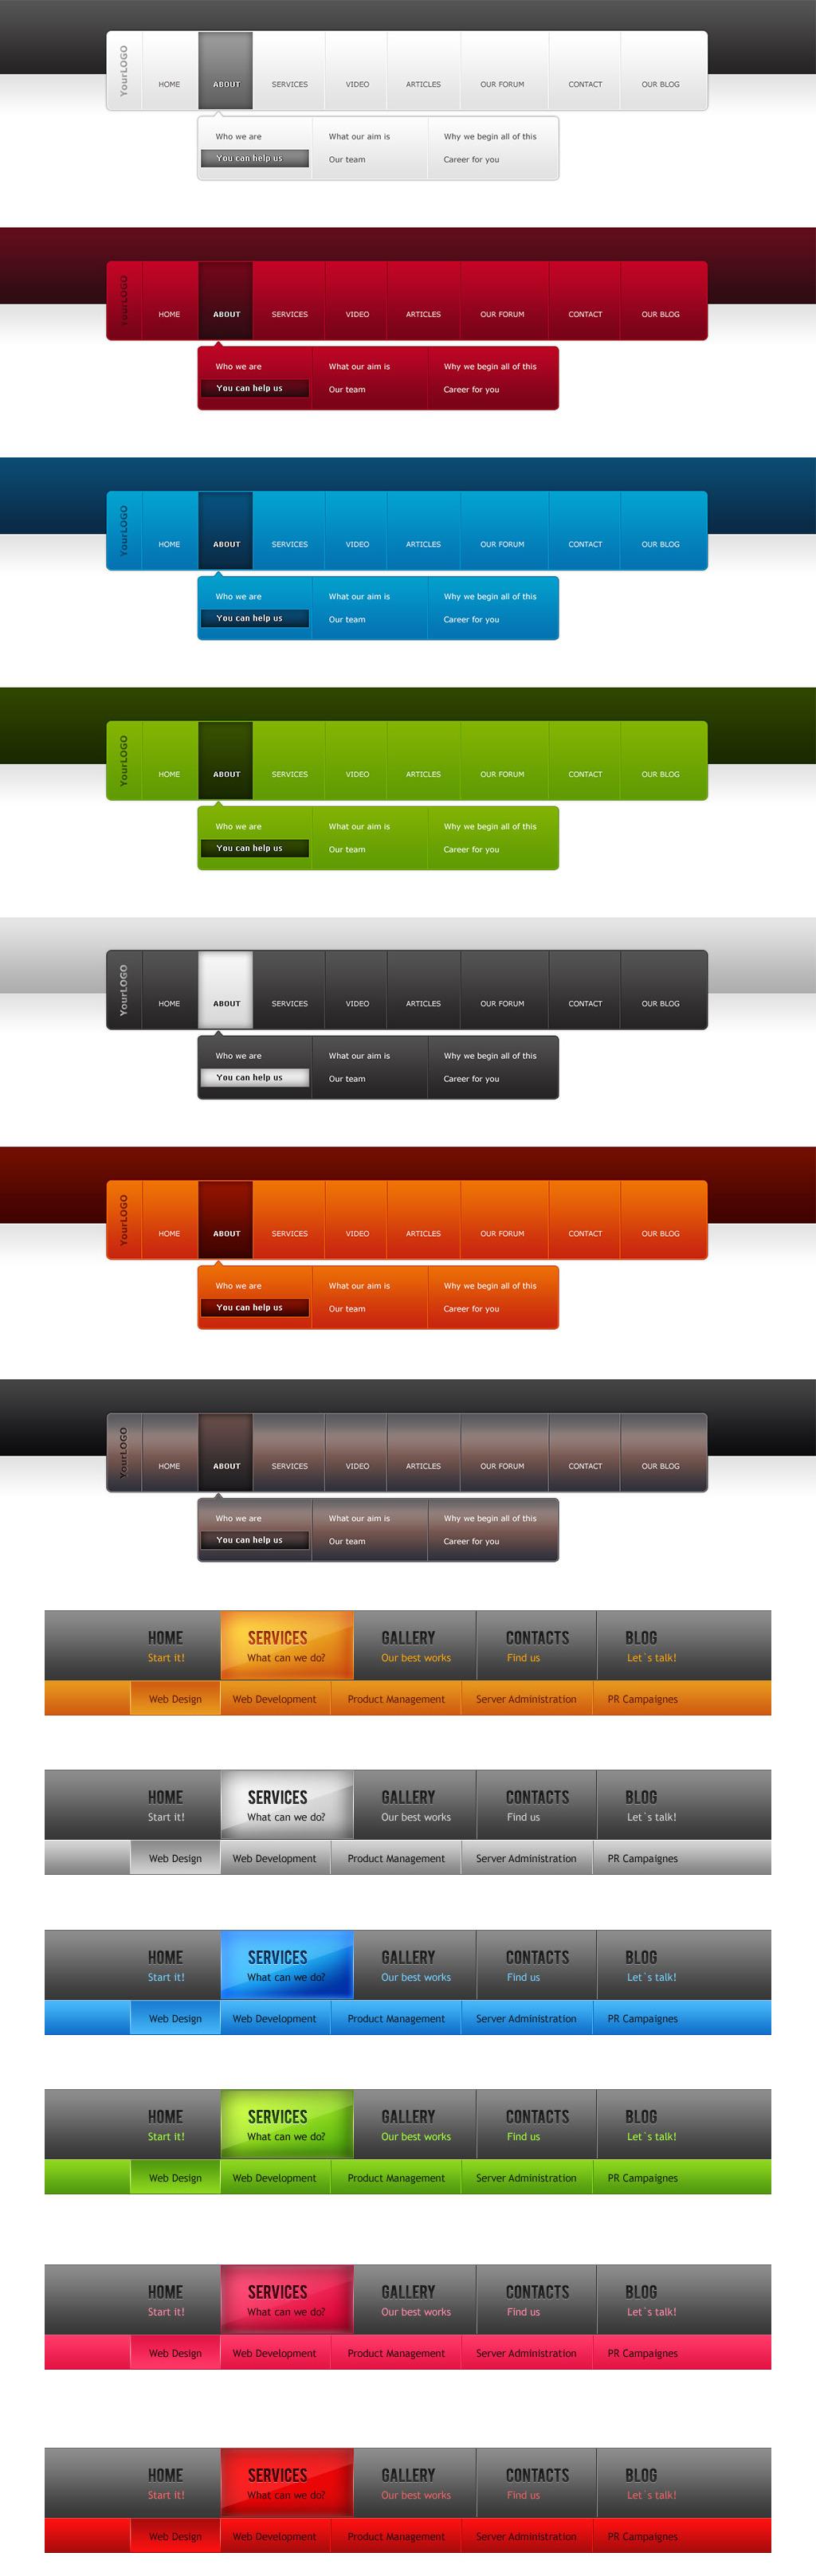 ui设计 网页设计模板 ui设计|界面 > 网页导航菜单栏淘宝网店淘宝详情图片